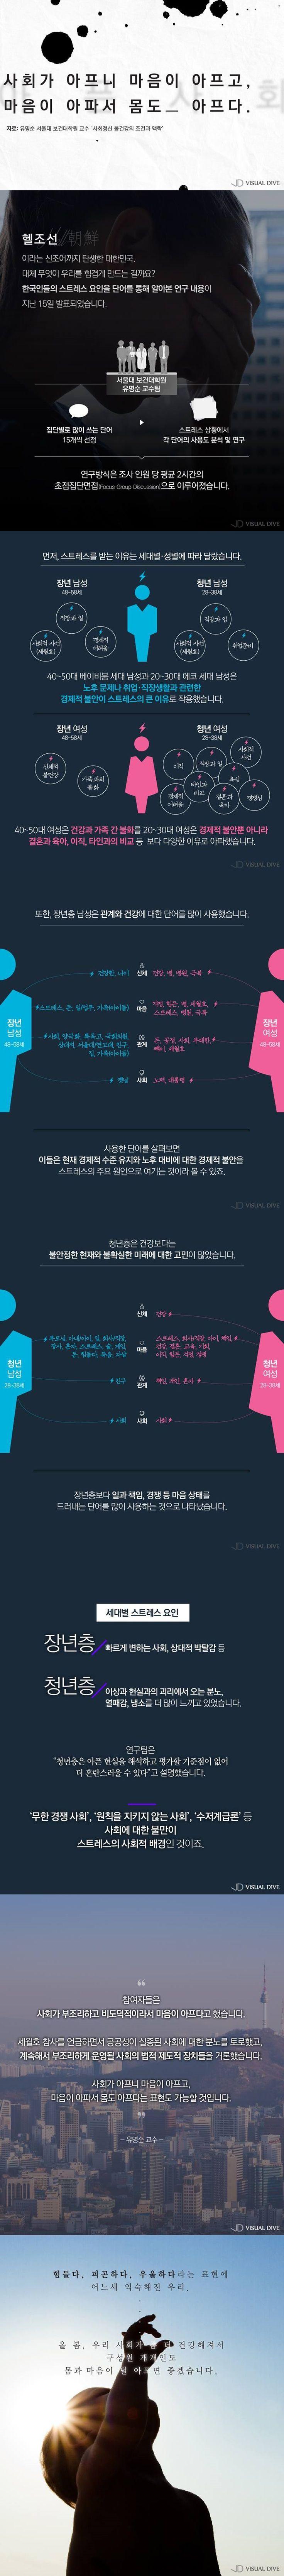 부조리한 사회가 '아픈 사람들' 낳다…한국인이 앓고 있는 스트레스 [카드뉴스] #stress / #cardnews ⓒ 비주얼다이브 무단 복사·전재·재배포 금지